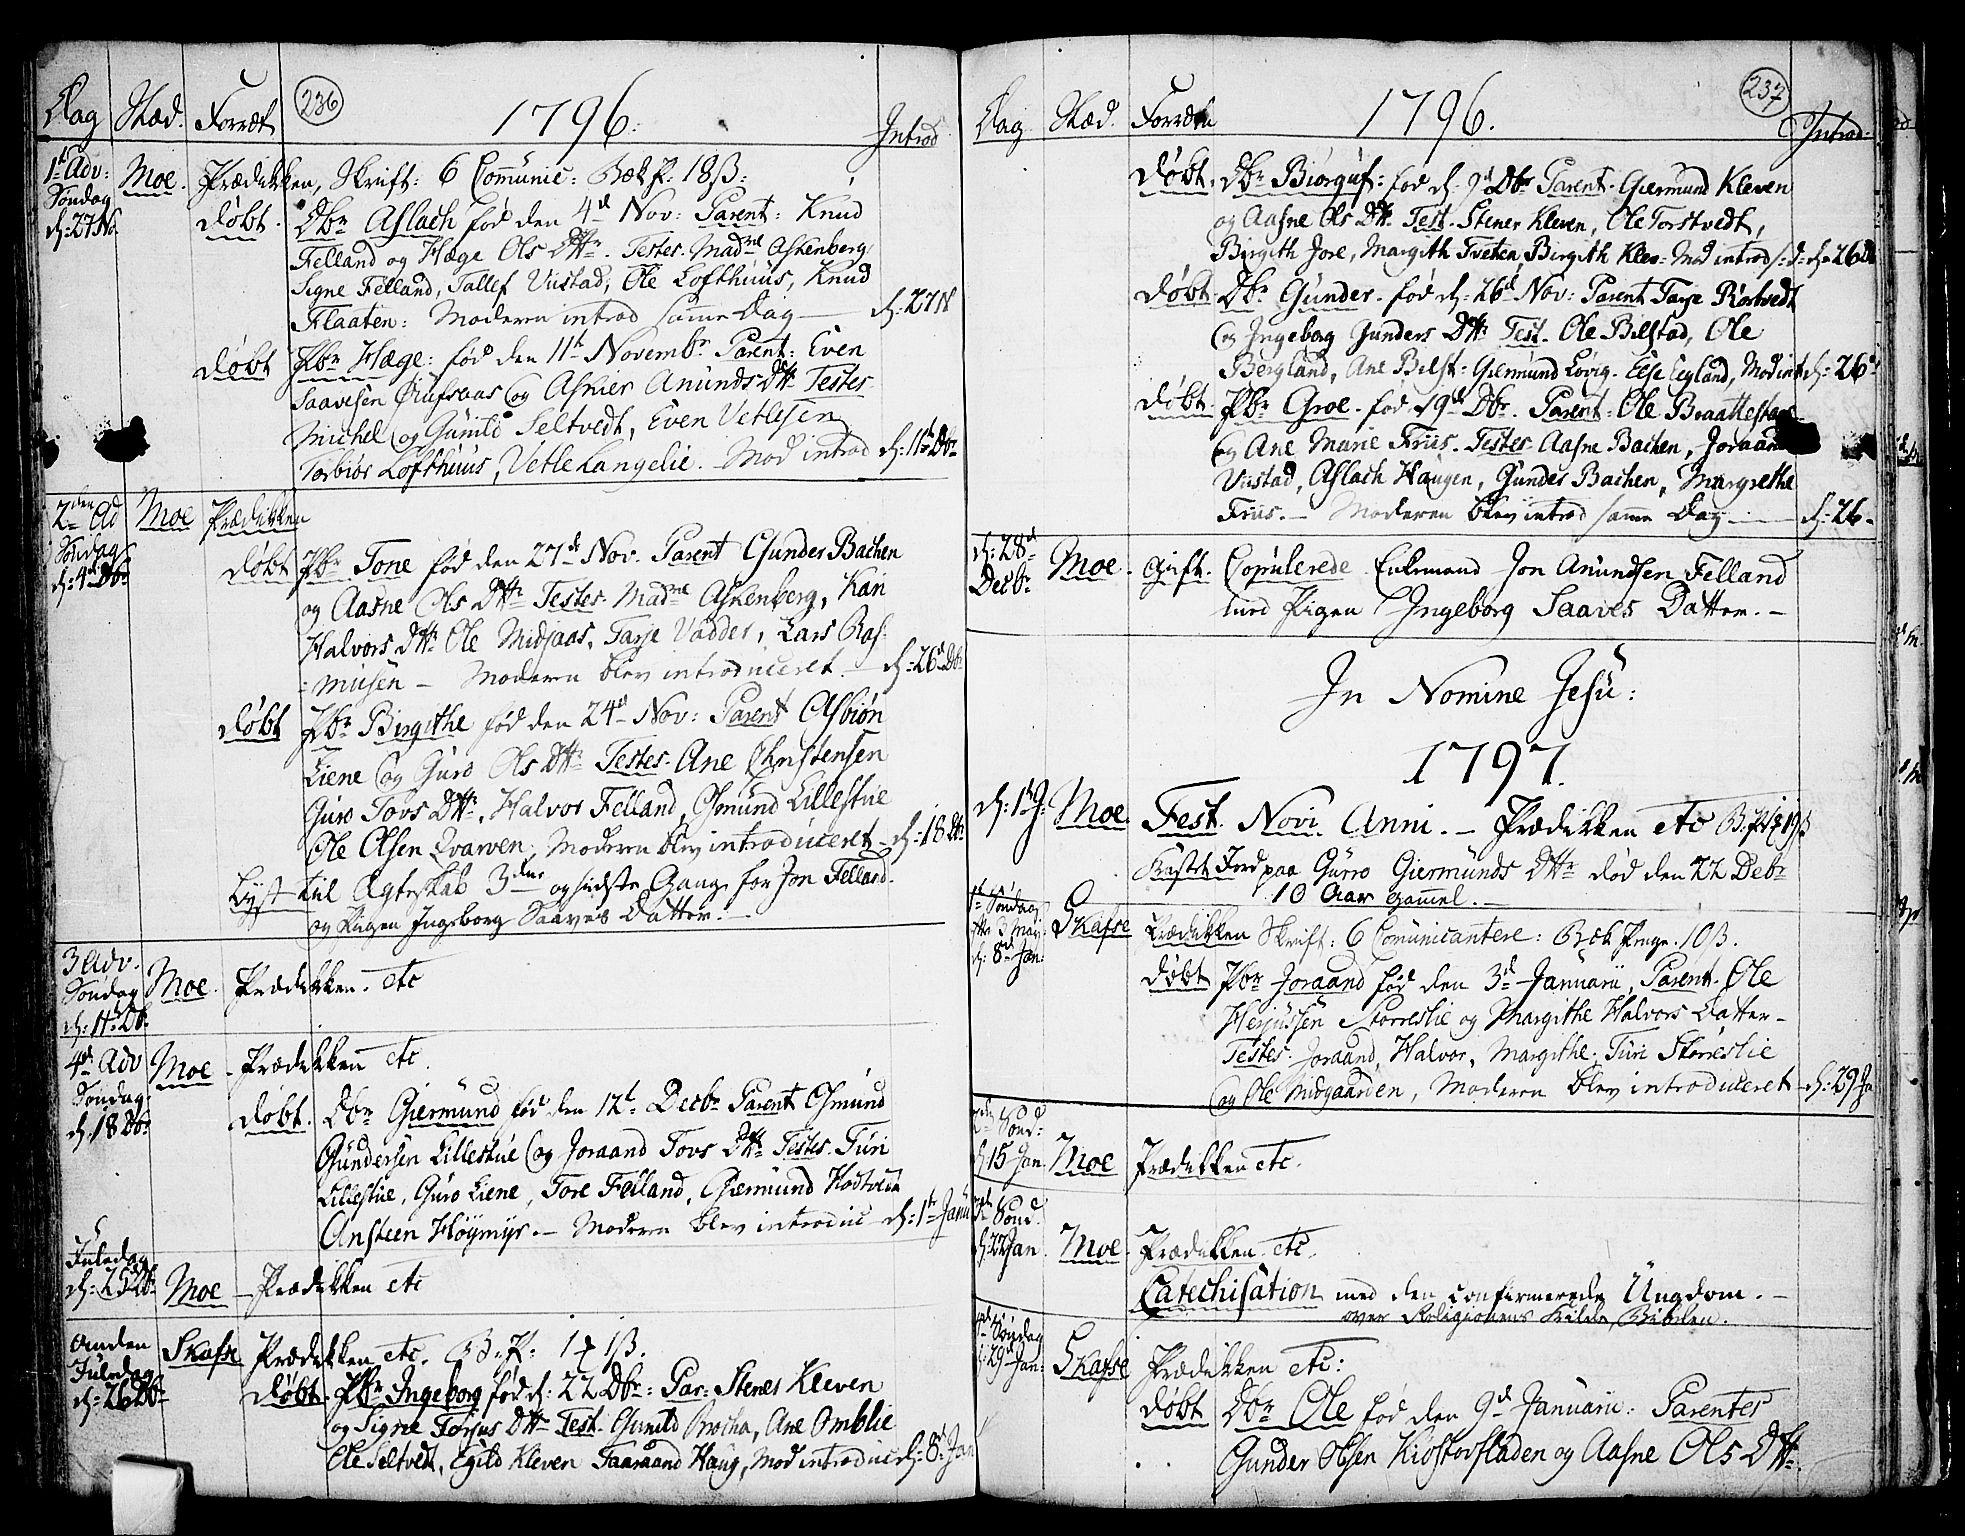 SAKO, Mo kirkebøker, F/Fa/L0002: Ministerialbok nr. I 2, 1766-1799, s. 236-237